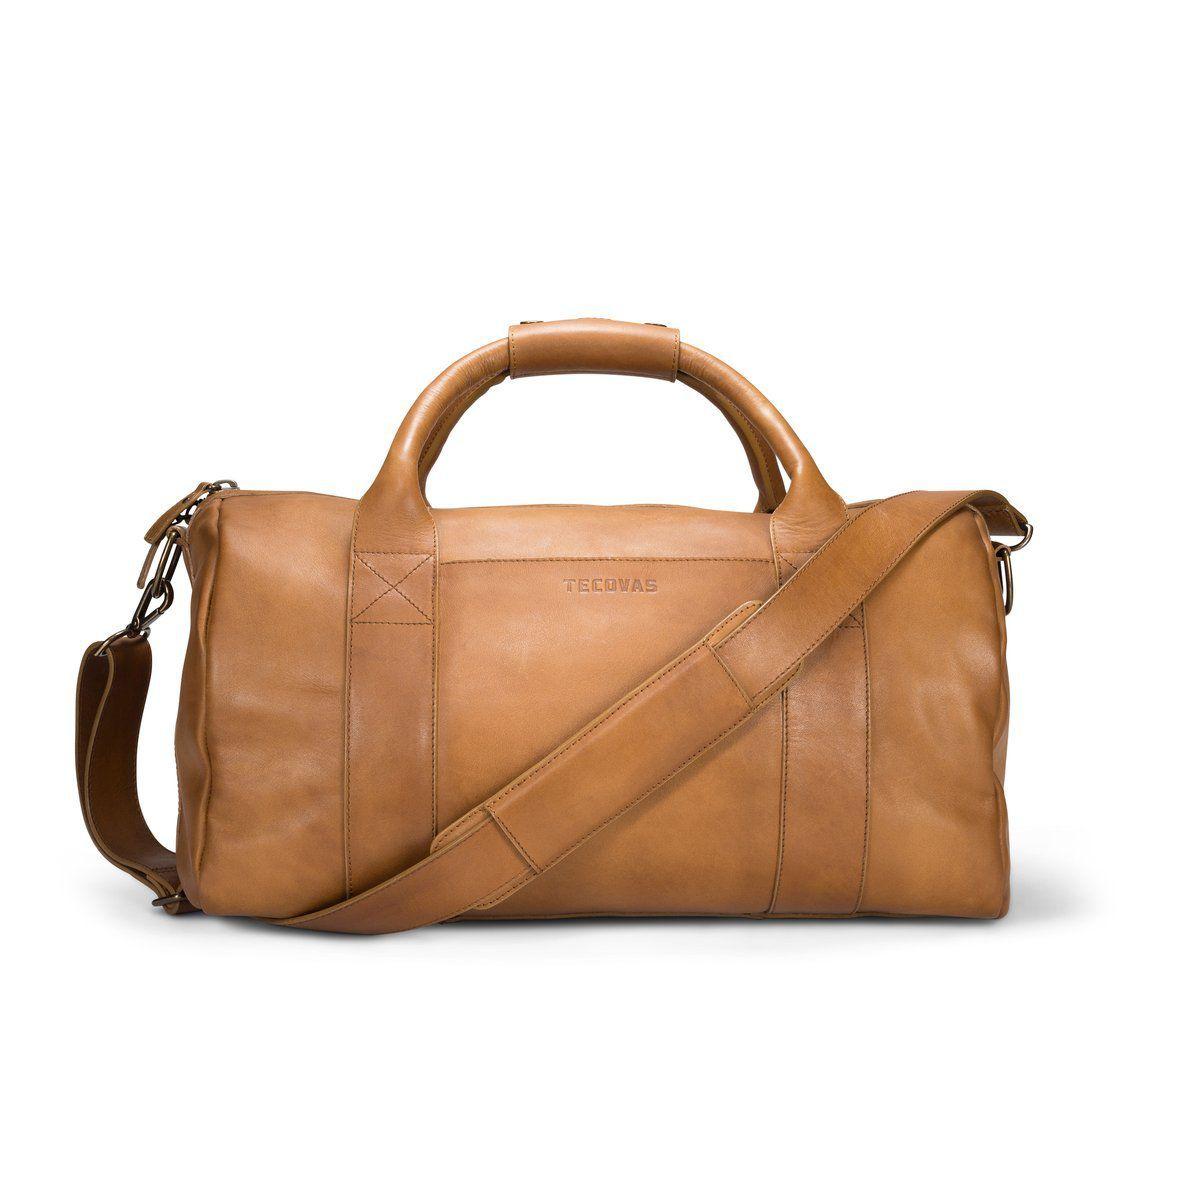 8b187c49c 12 Best Weekender Bags 2019 - Duffel, Carryall Bags for Men